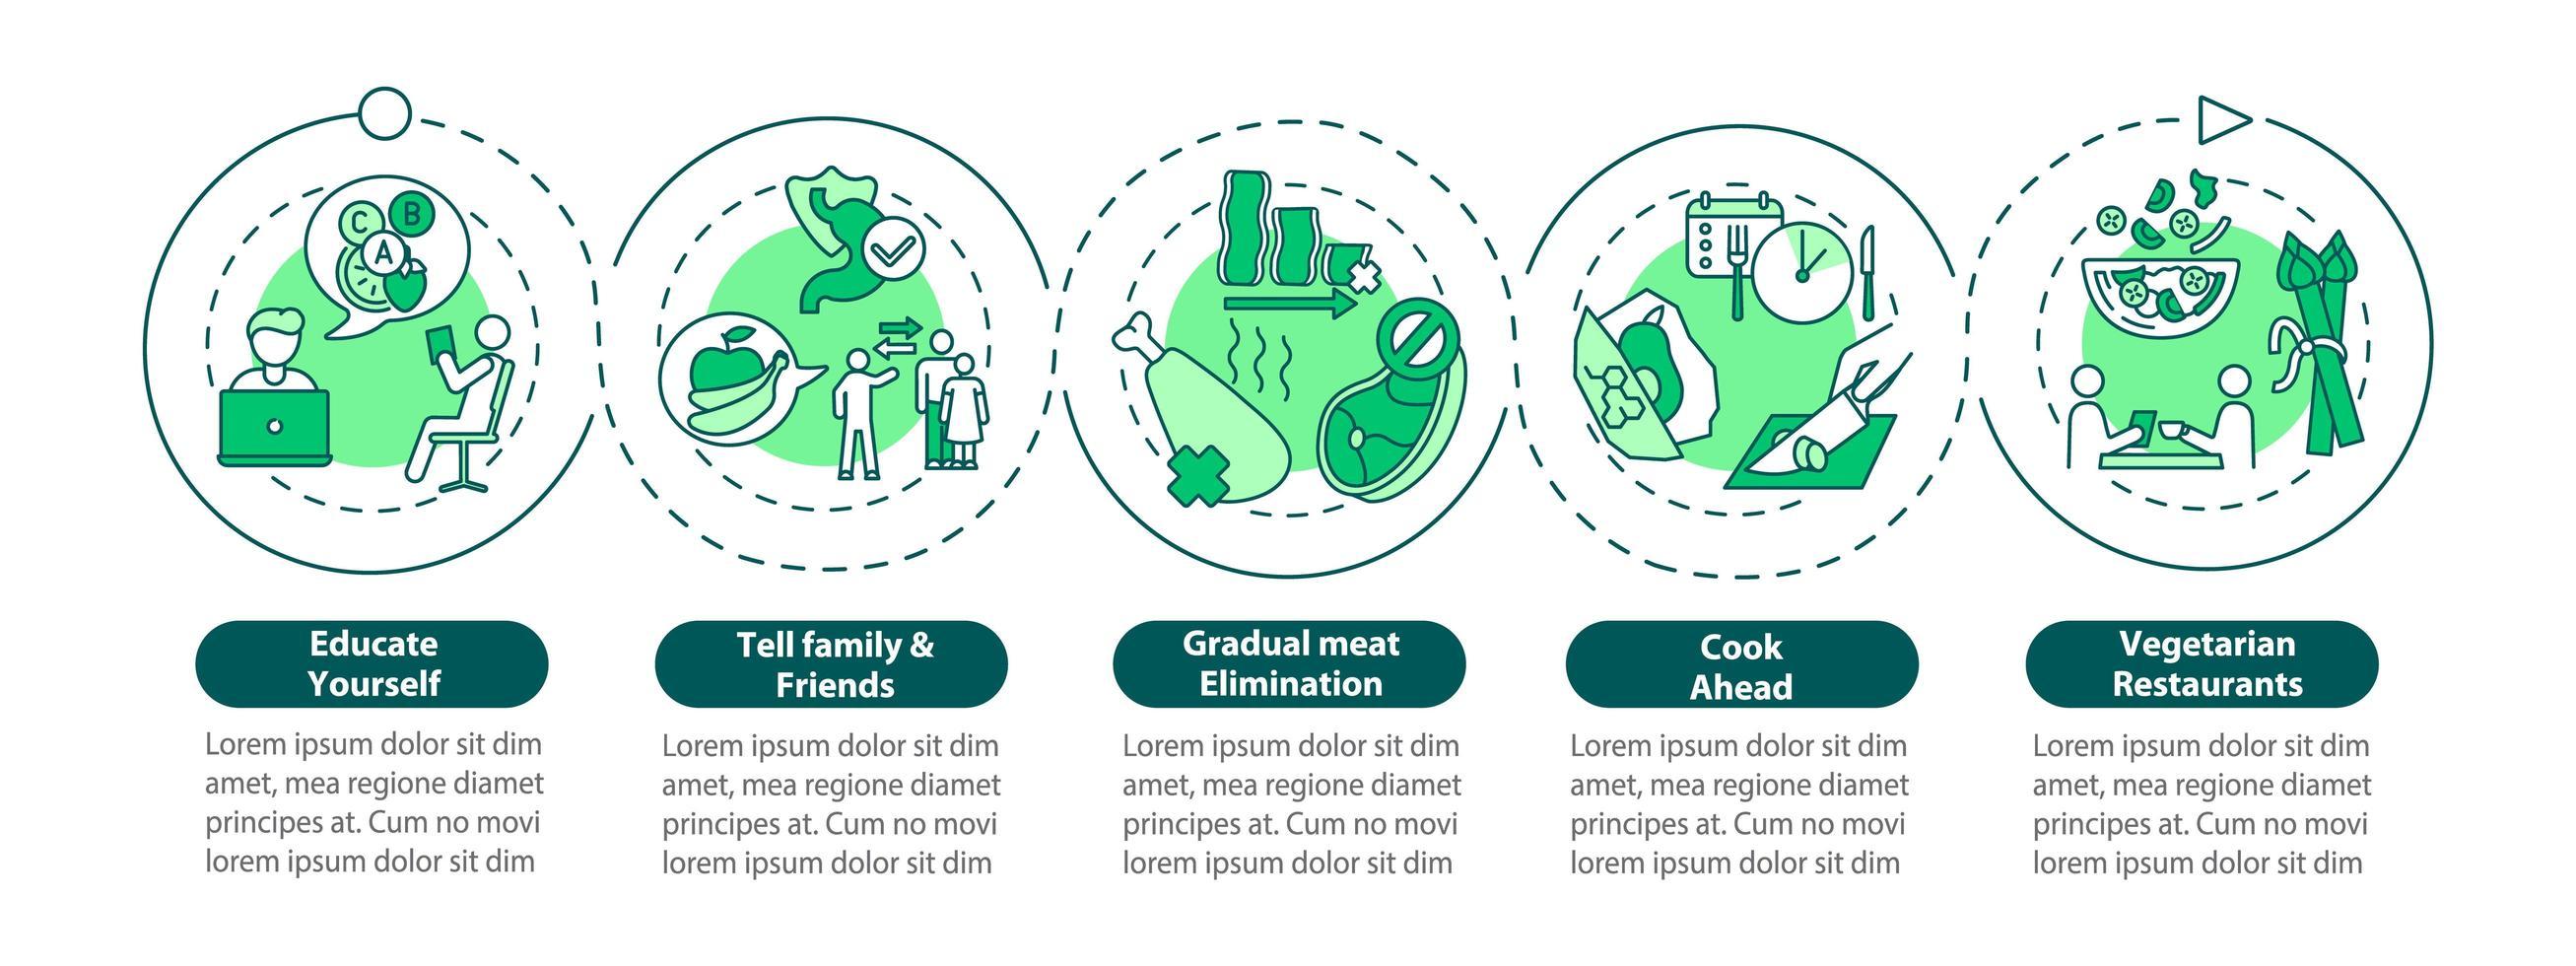 diventare un vegetariano, modello di infografica vettore